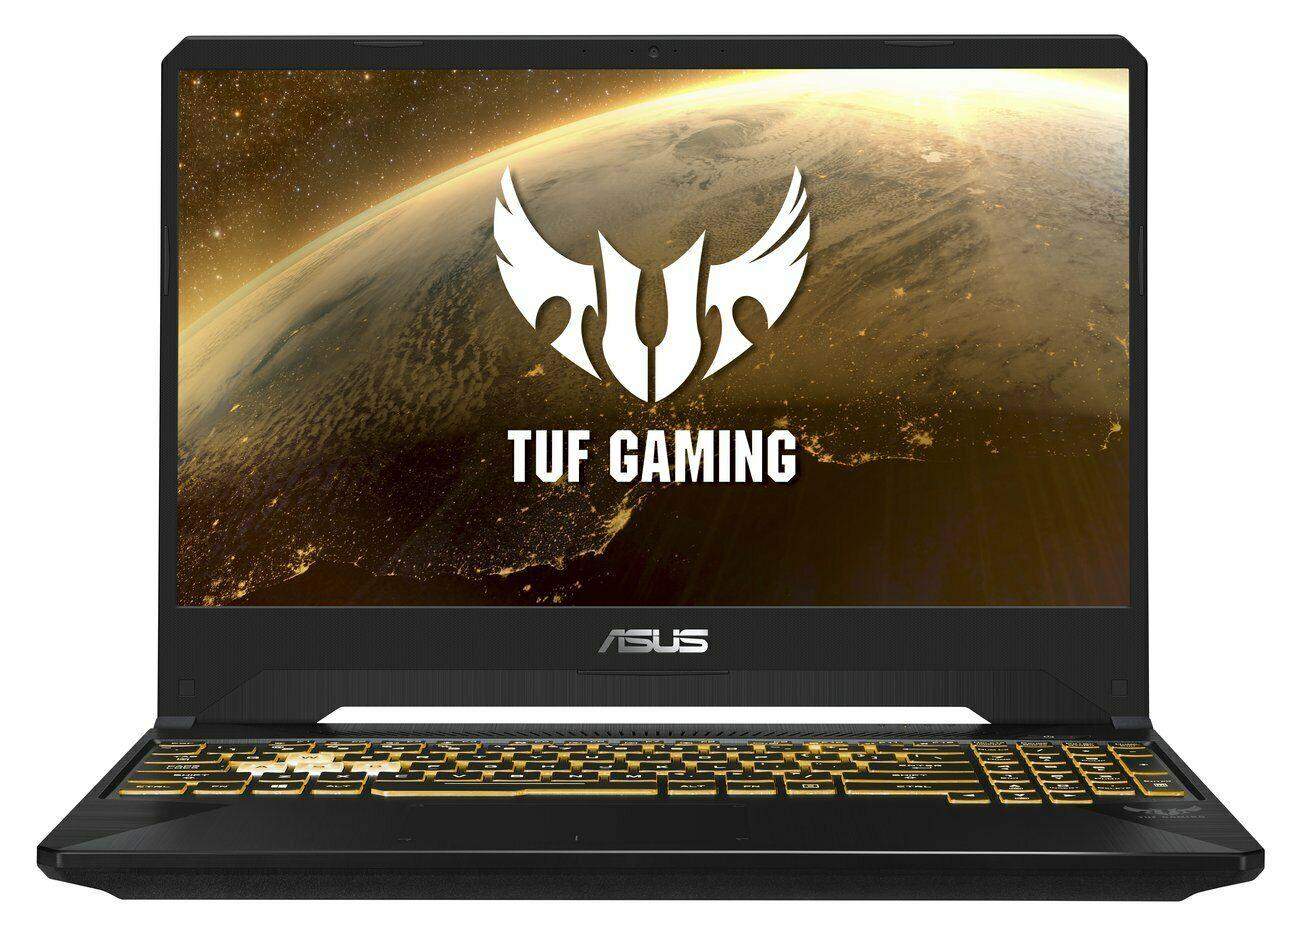 Asus TUF i7 8750H grafica gtx1050 4gb